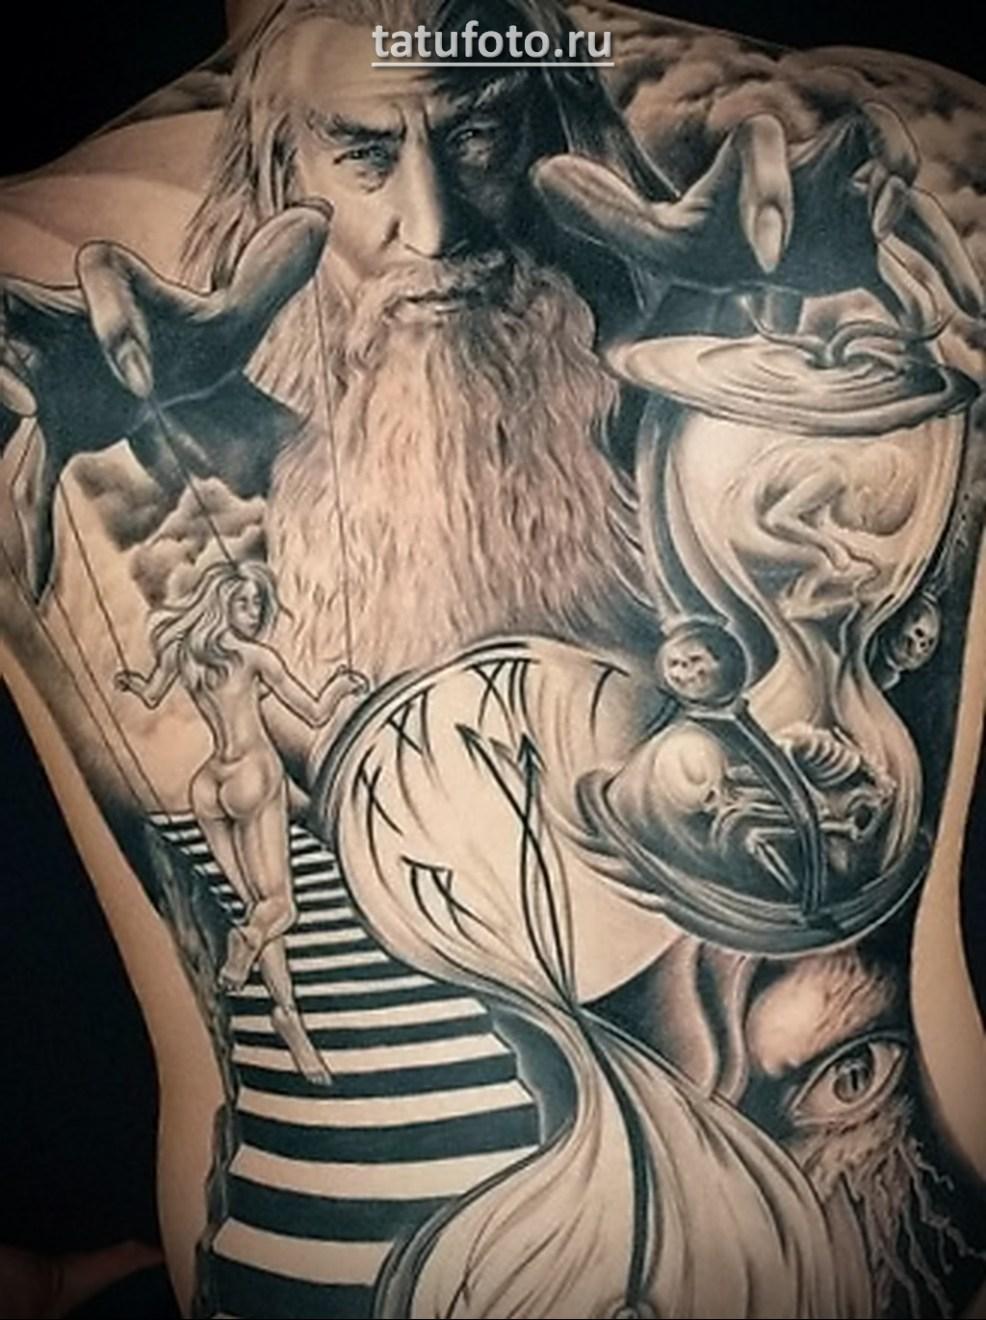 тату инь янь примеры существующих татуировок